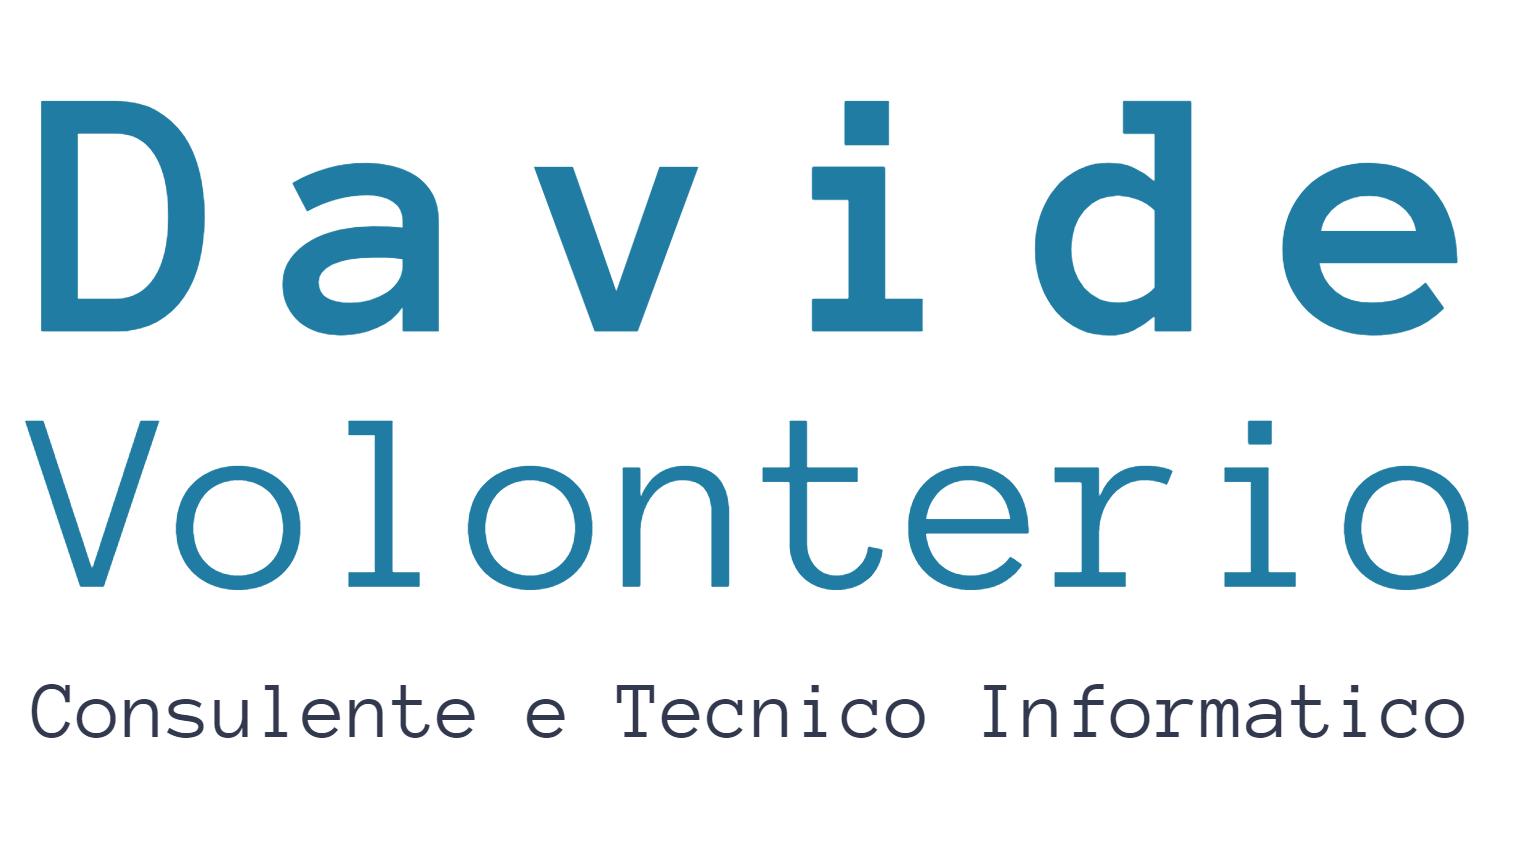 Consulente e Tecnico Informatico